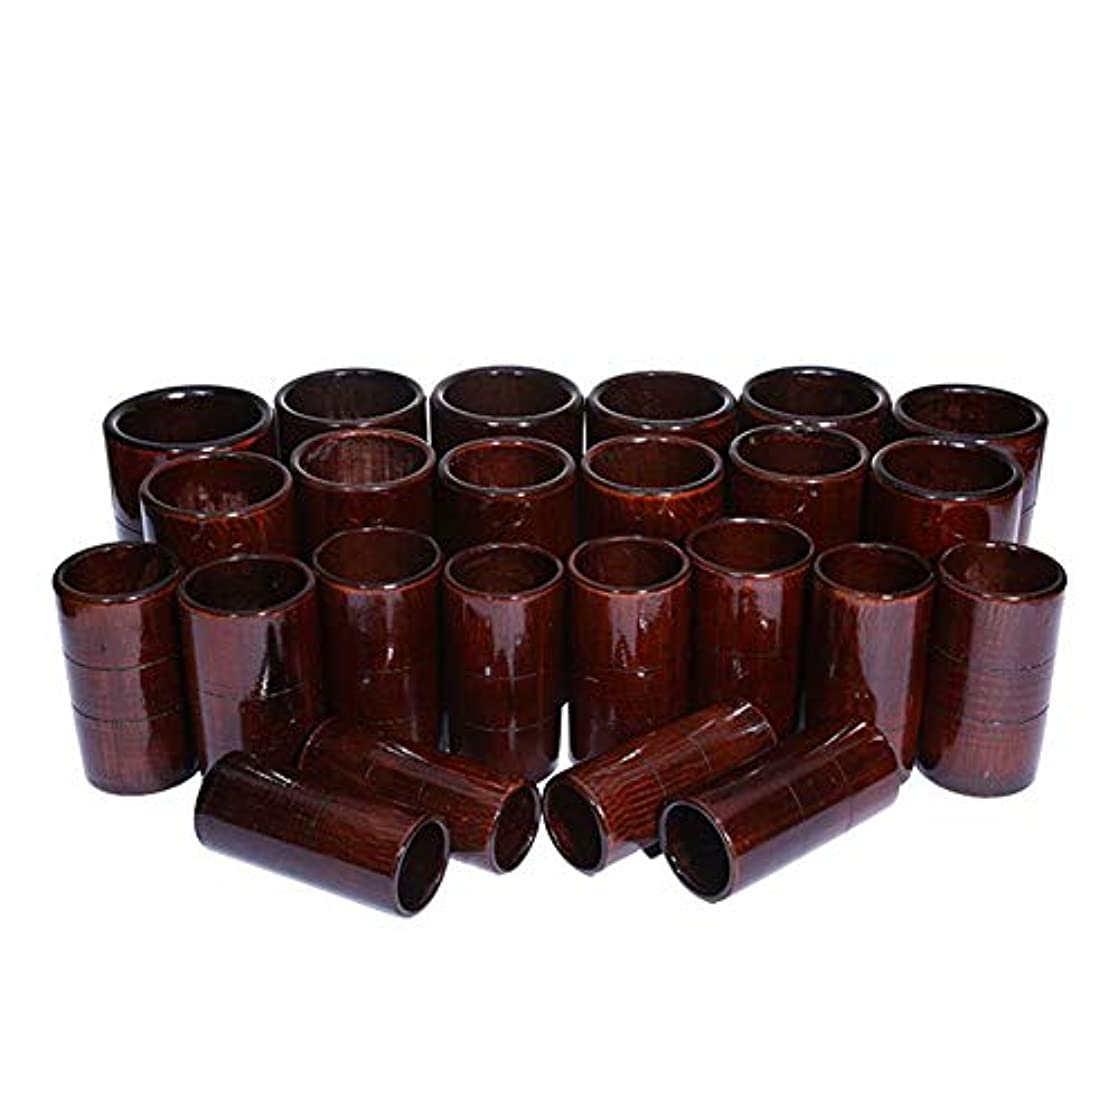 メディア平野究極のカッピング竹鍼治療セットマッサージバキュームカップキットチャコール缶ボディ医療サクションセット,A10pcs